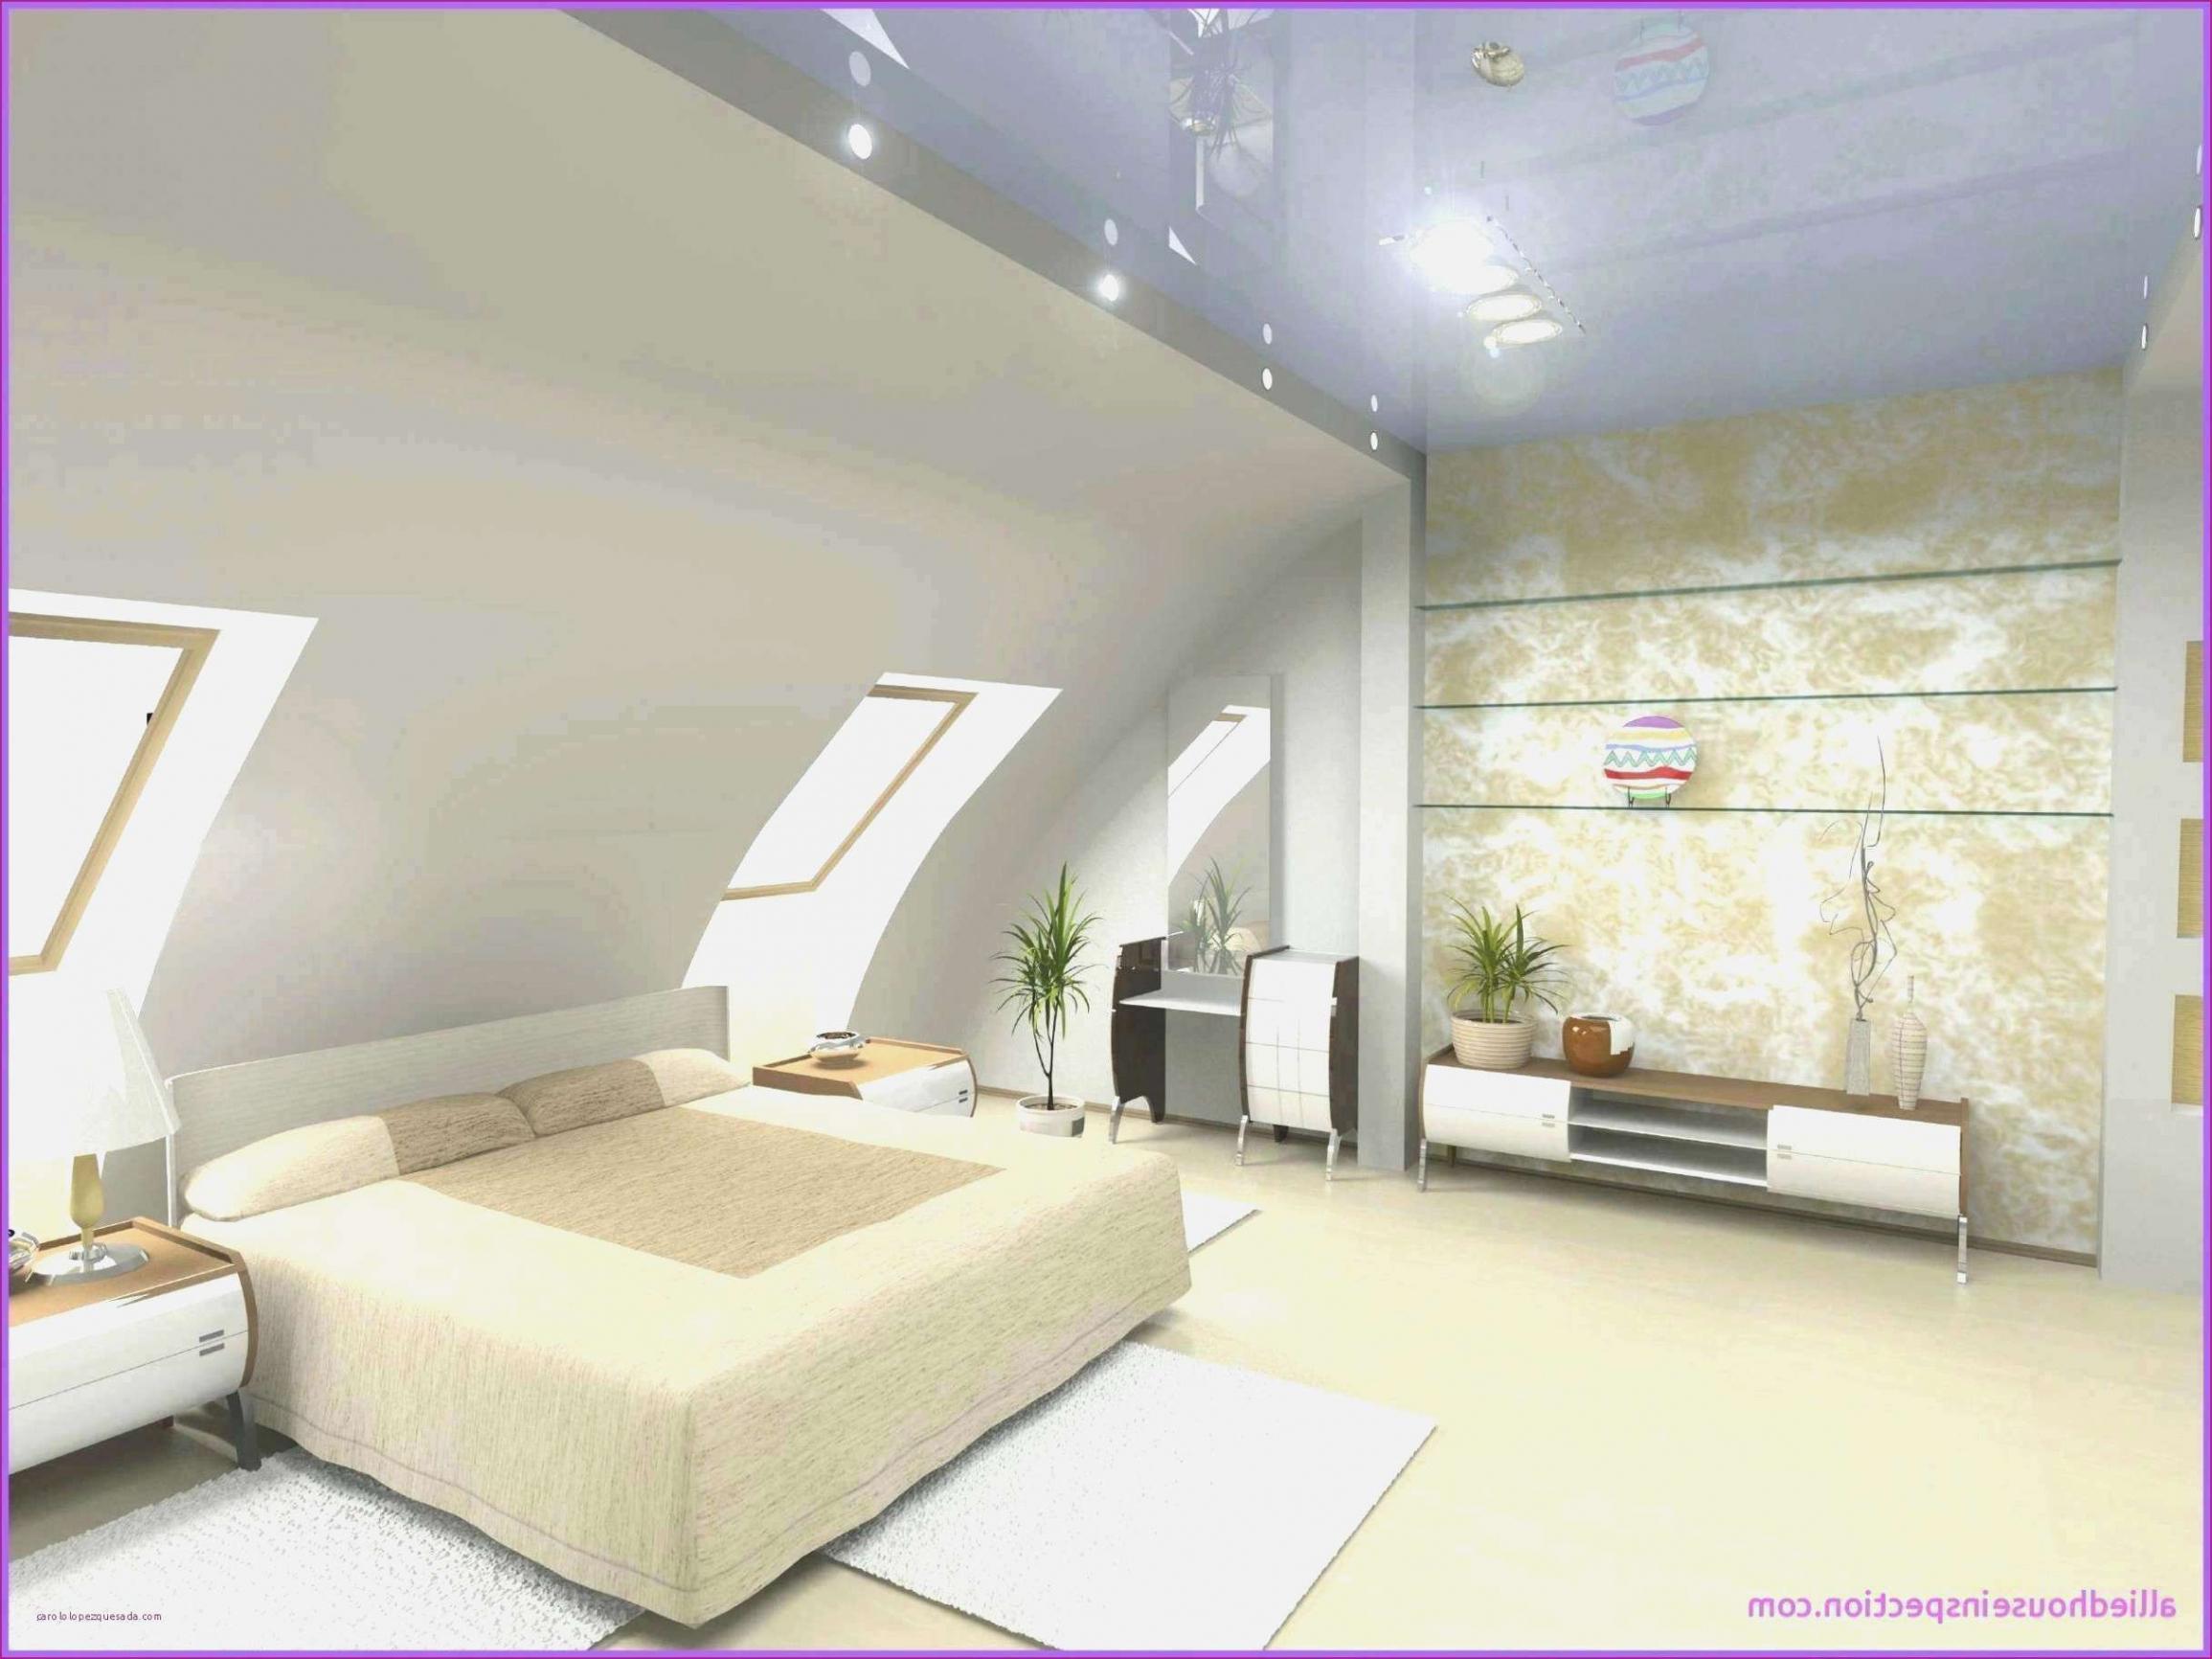 Full Size of Deckenleuchte Schlafzimmer Holz Gold Led Modern Dimmbar Ikea Landhausstil Design Deckenleuchten Pinterest Günstige Komplett Regal Küche Lampen Wohnzimmer Schlafzimmer Deckenleuchte Schlafzimmer